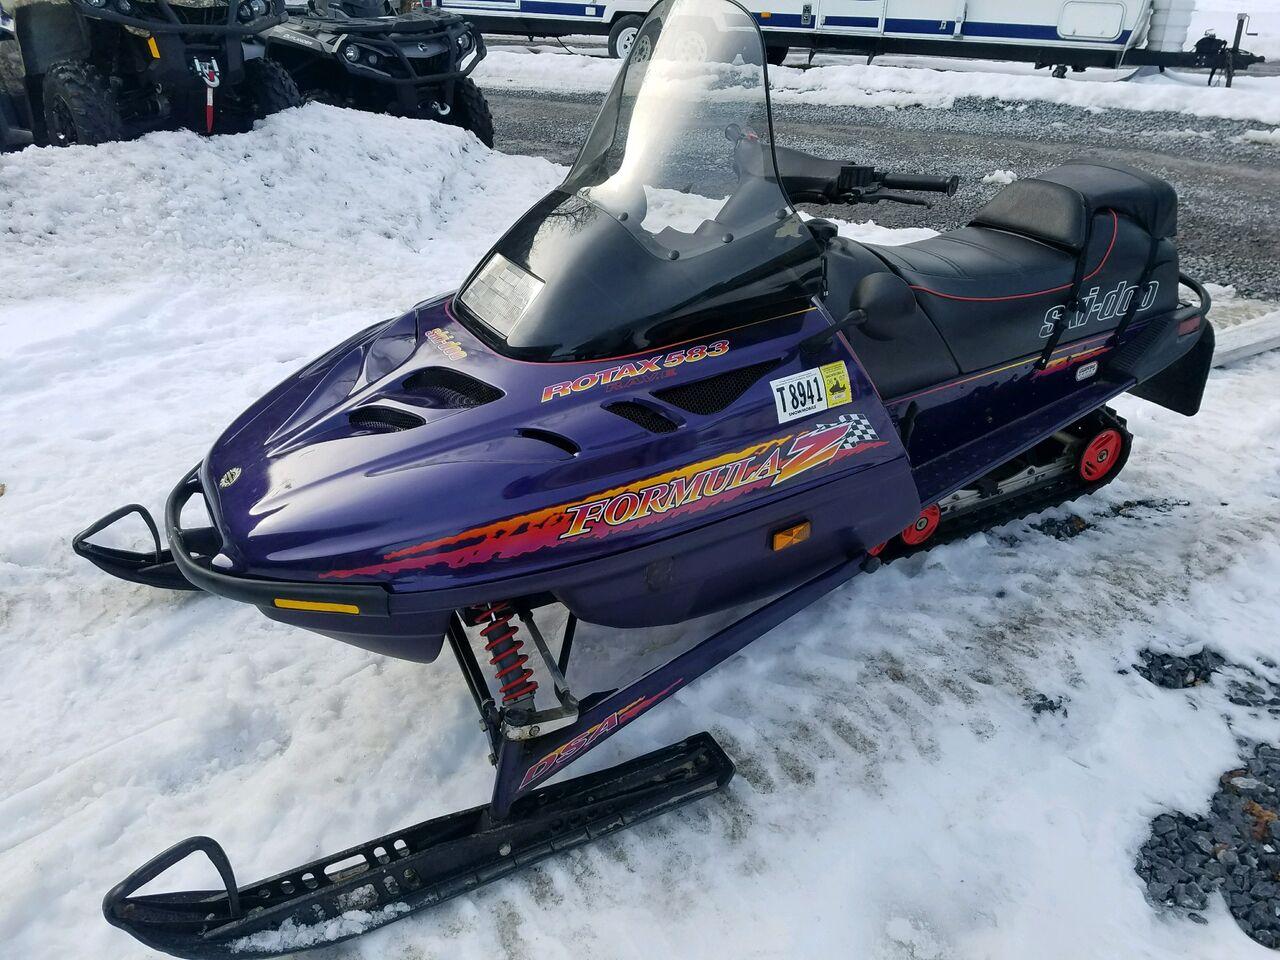 1997 Ski-Doo Formula Z 583